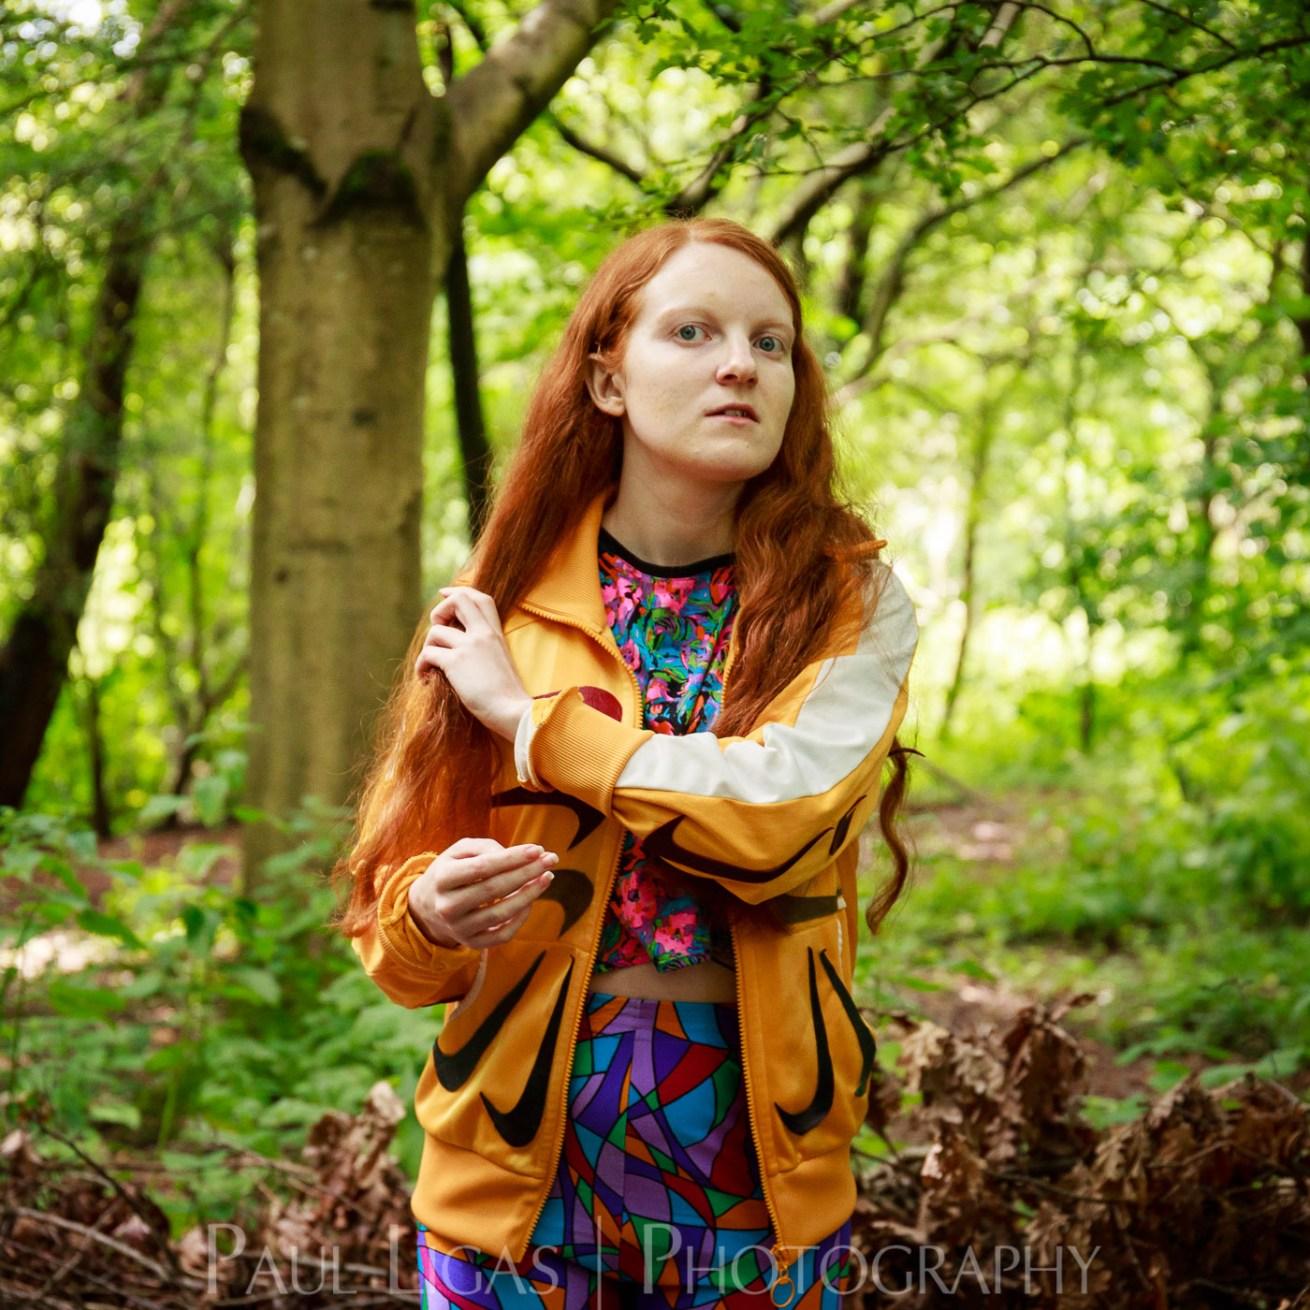 The Endless Village - Portrait photographer - Birmingham - 5570